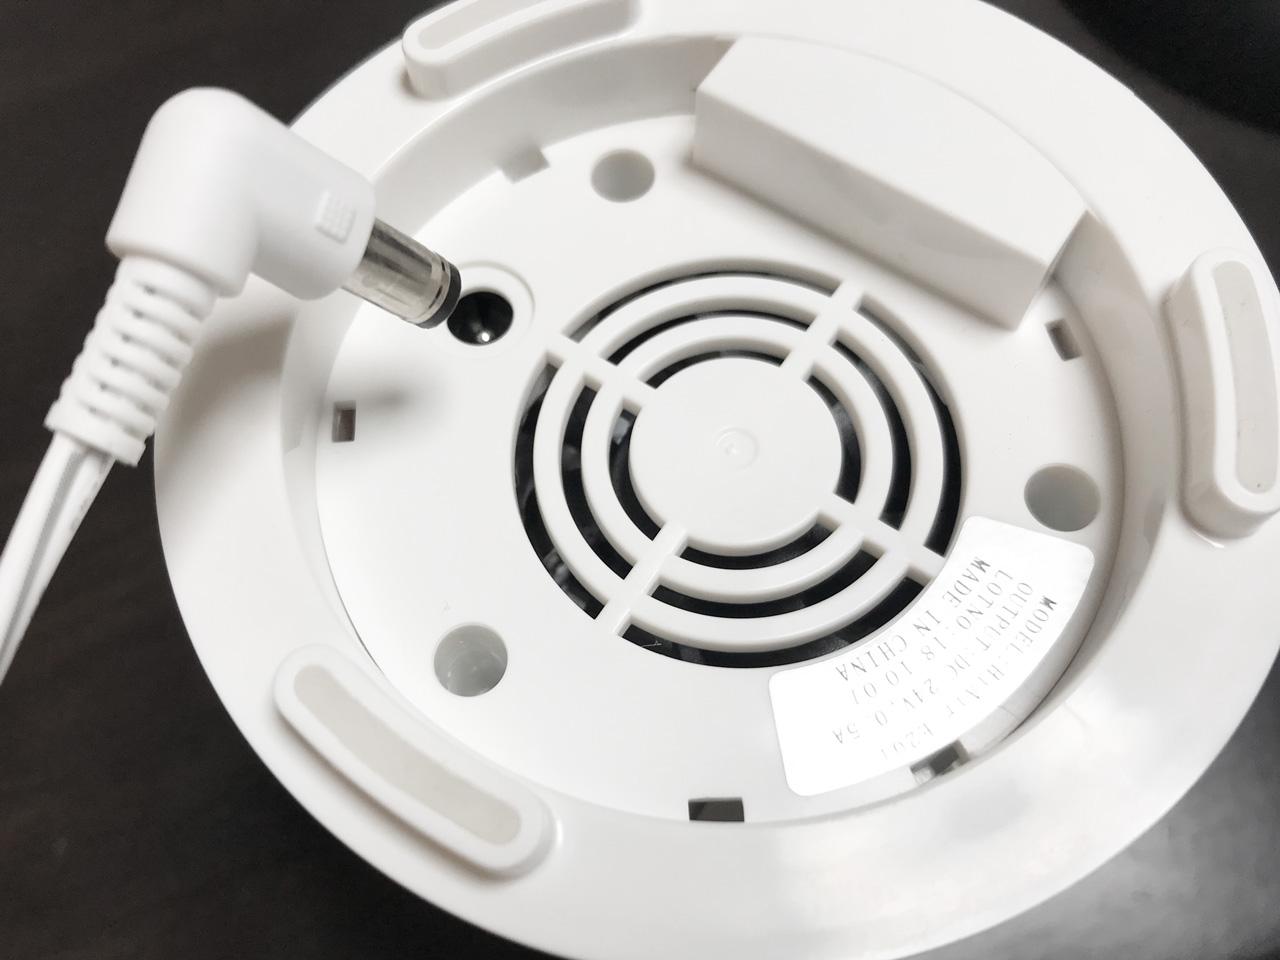 底面の電源ケーブル取り付けジャック。ケーブルが取り外せるので給水やお手入れの時も楽そうです